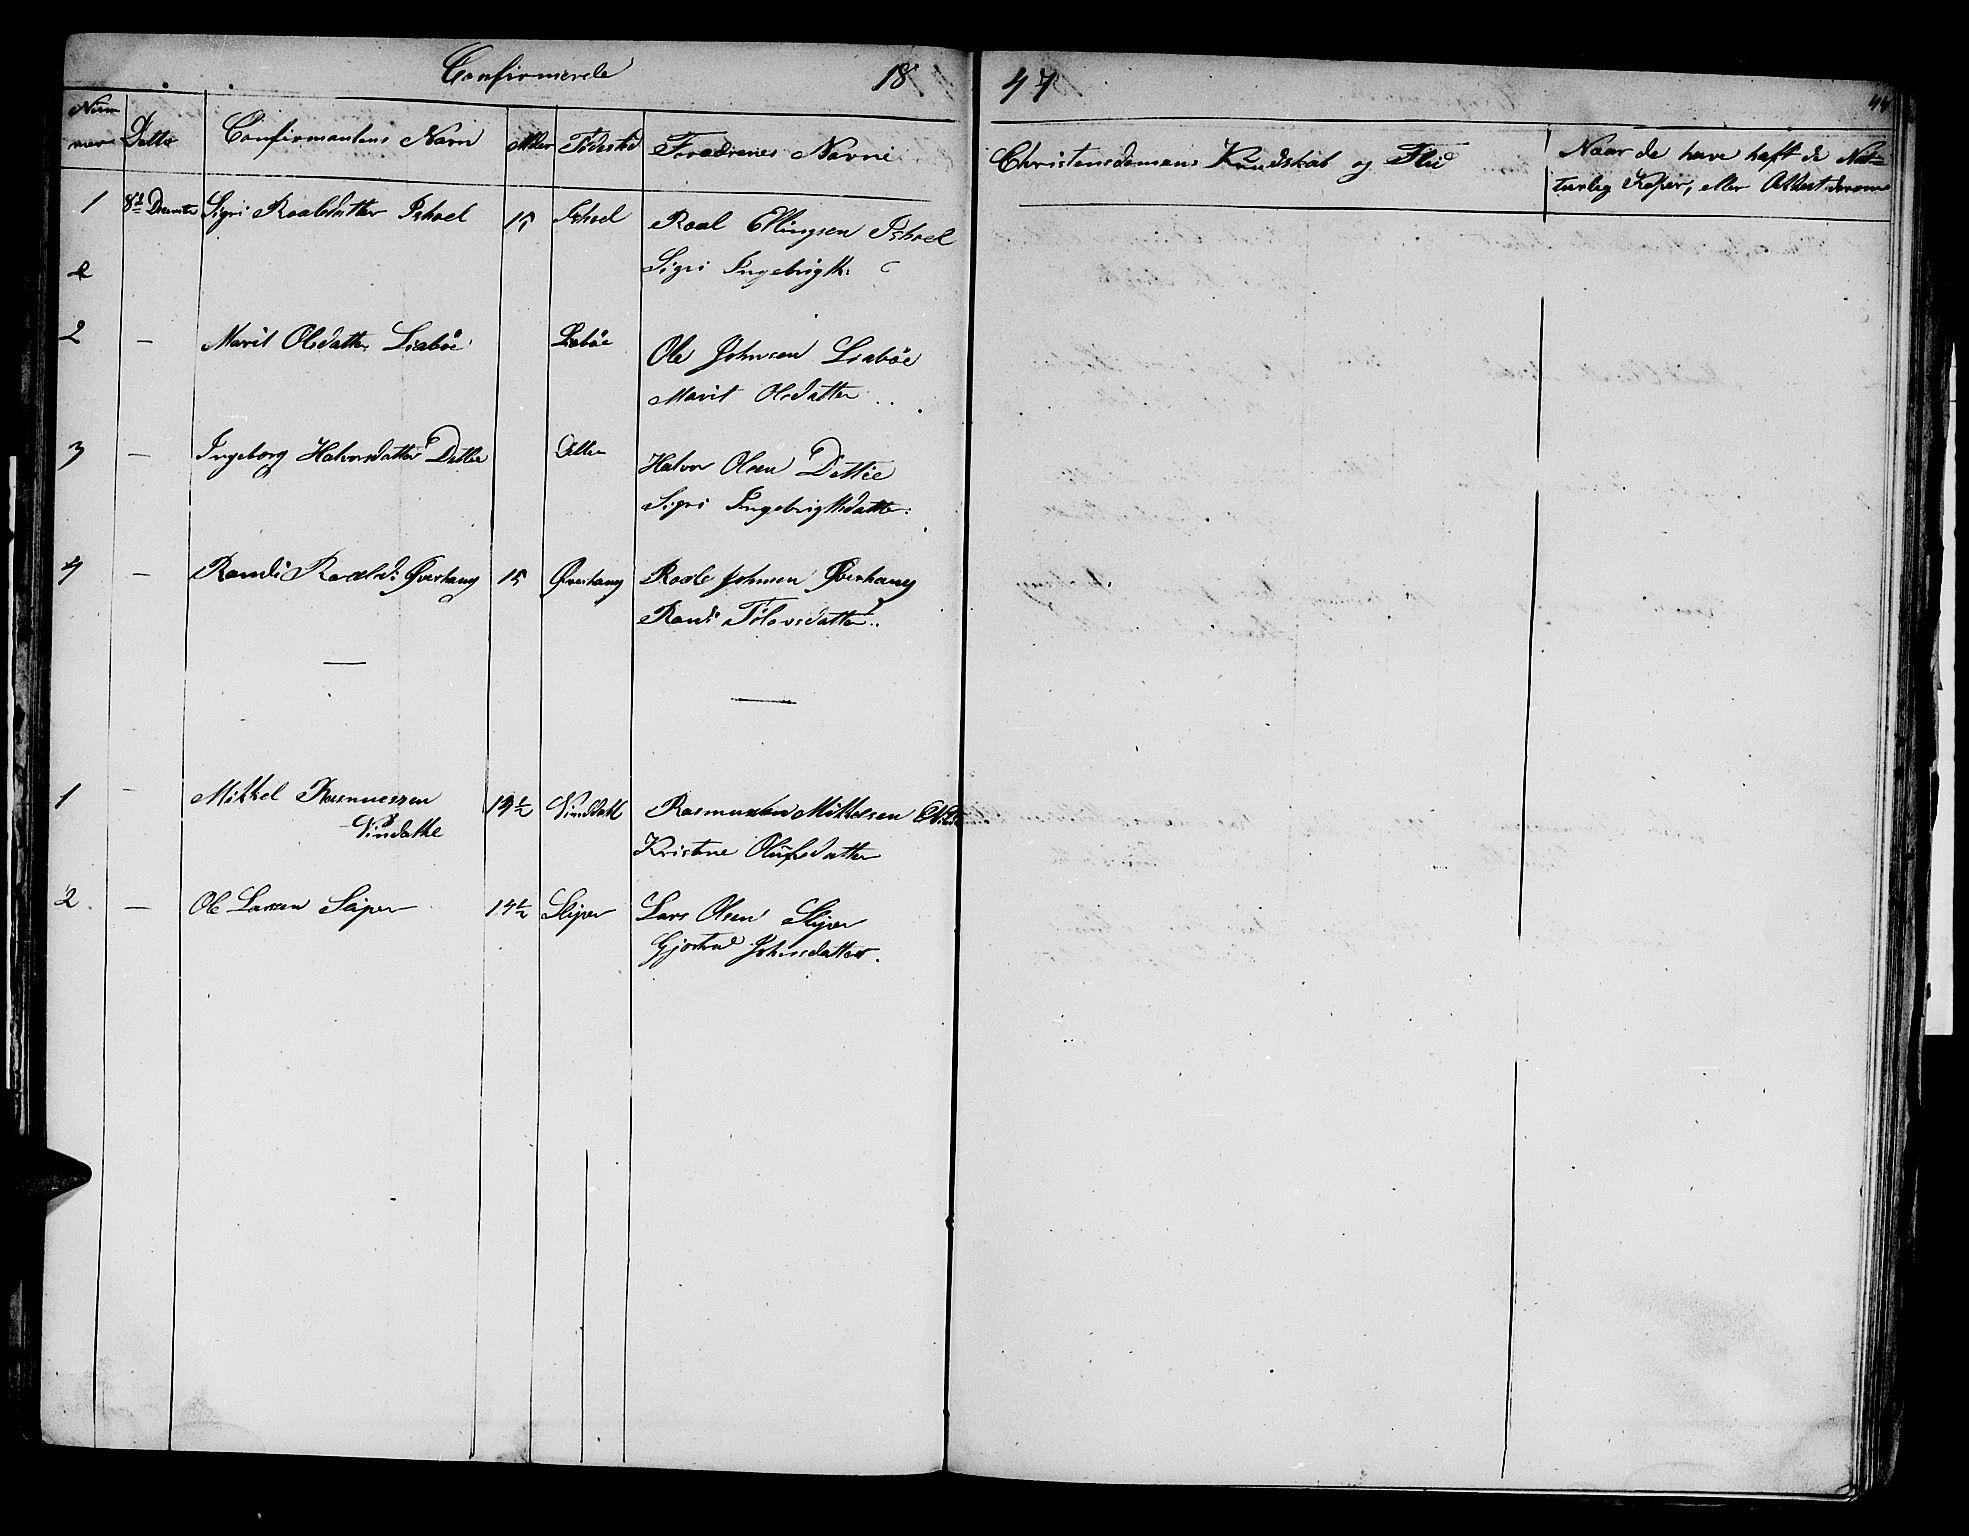 SAT, Ministerialprotokoller, klokkerbøker og fødselsregistre - Sør-Trøndelag, 679/L0922: Klokkerbok nr. 679C02, 1845-1851, s. 44